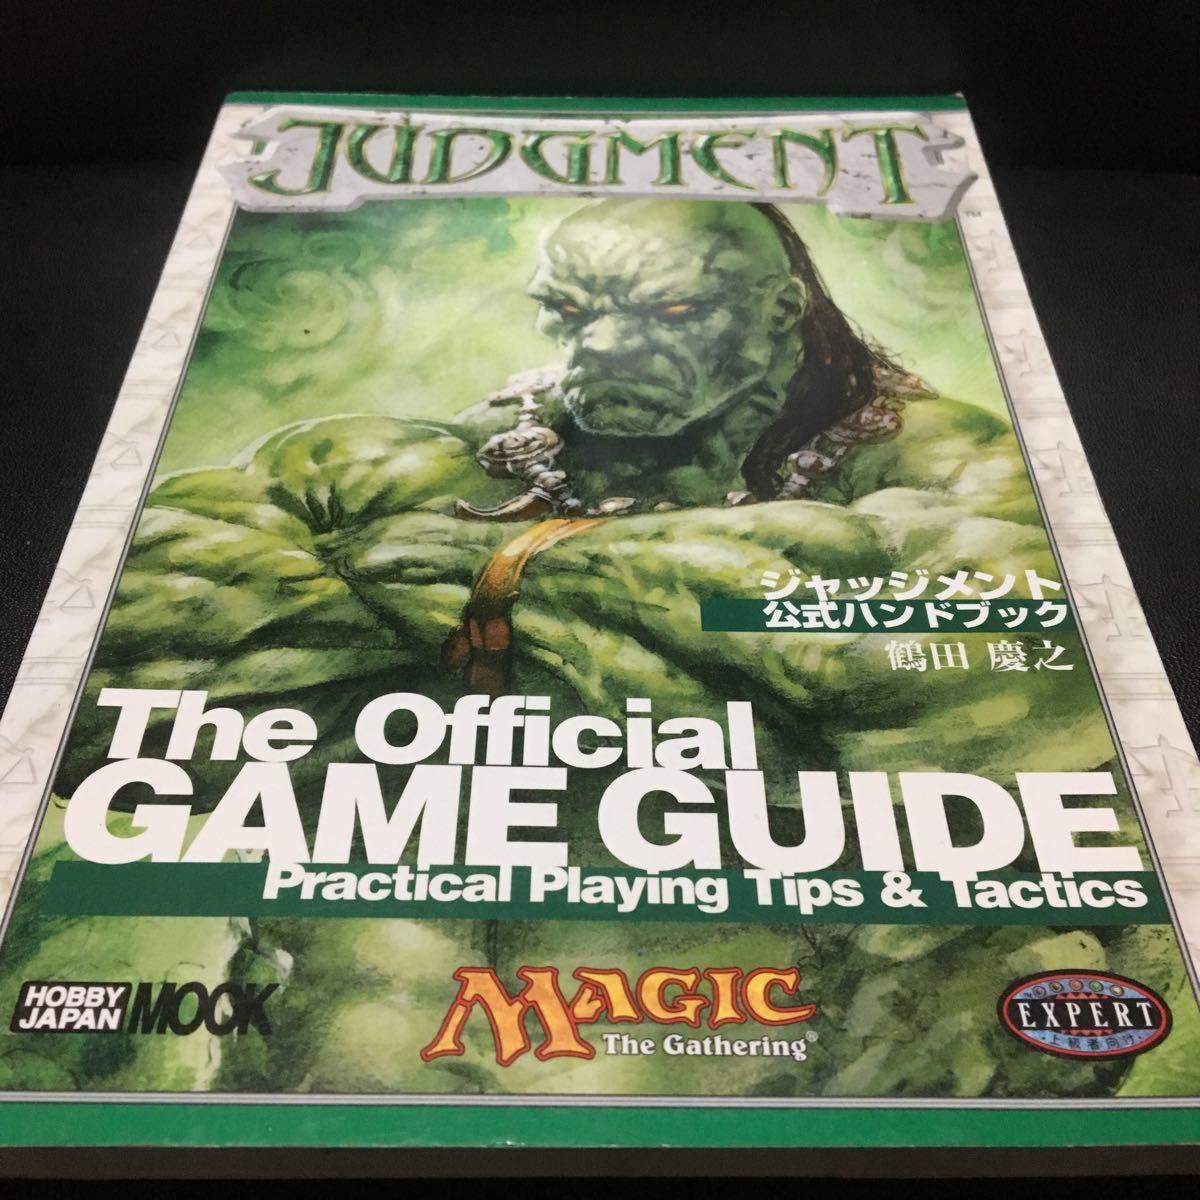 【JUDGEMENT 公式ハンドブック】MAGIC ジャッジメント オフィシャル ガイド 2002年 鶴田慶之 カードゲーム ホビー 【19/11 A-1】_画像1